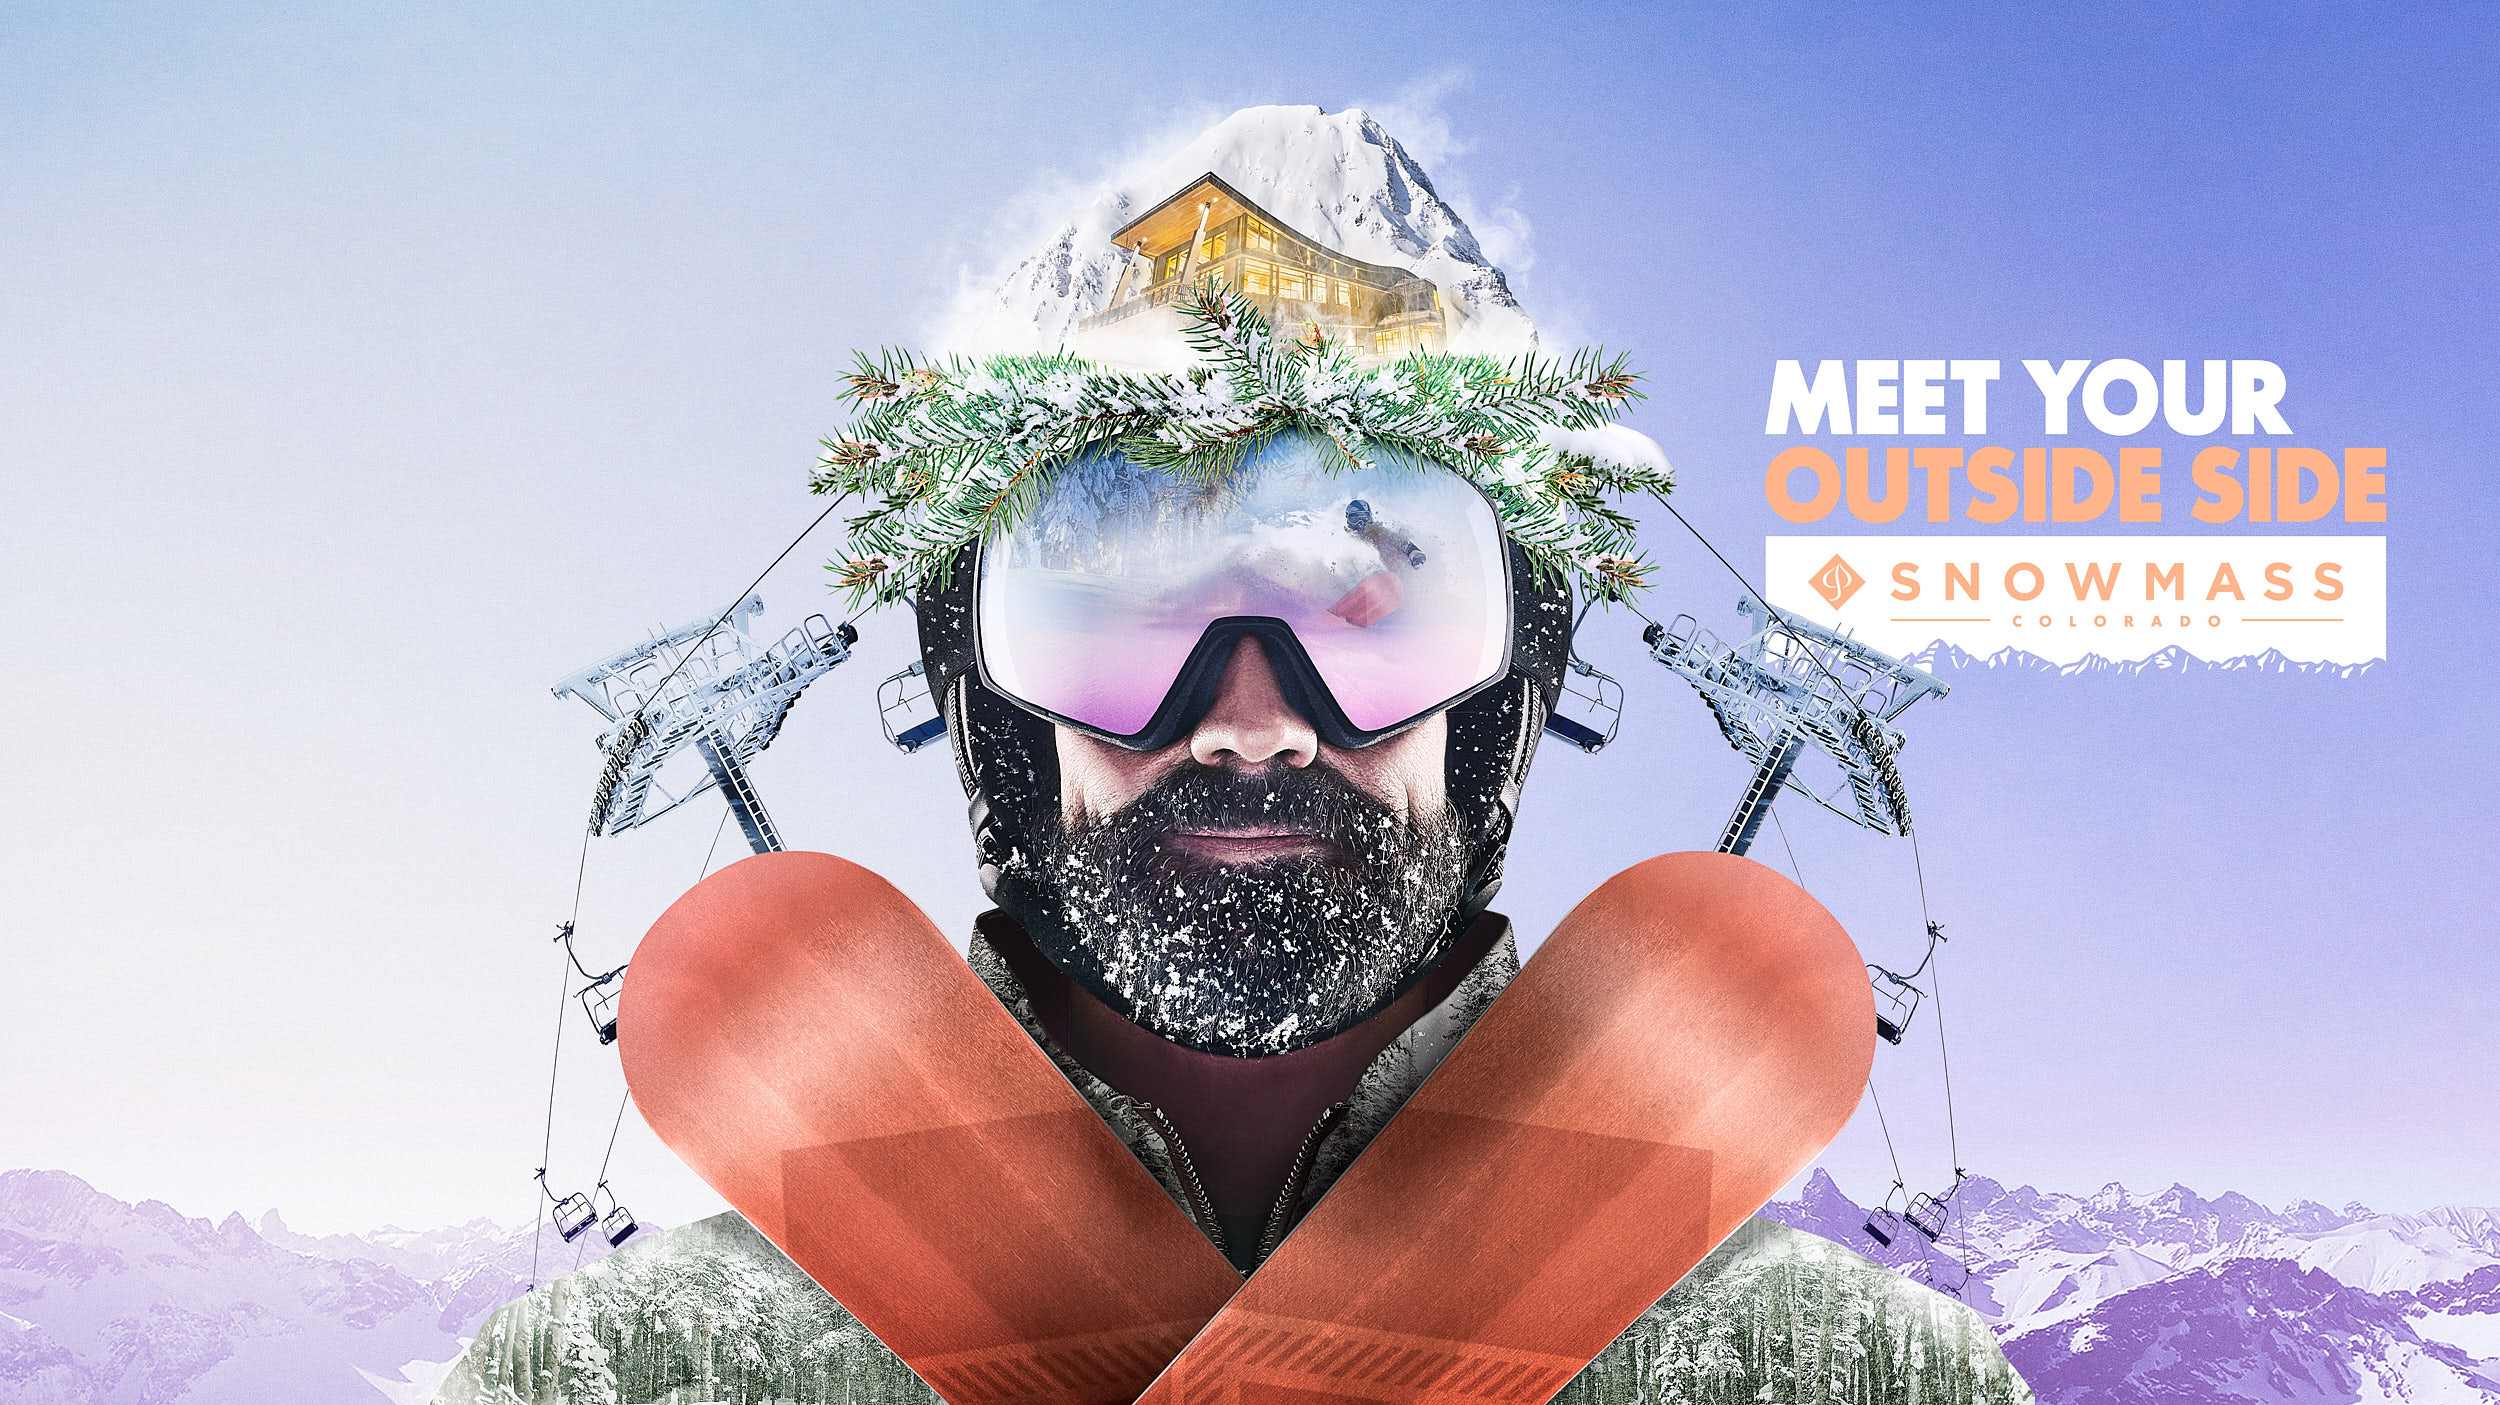 Joe Friend Photography | Advertising Photography | Aspen Snowmass